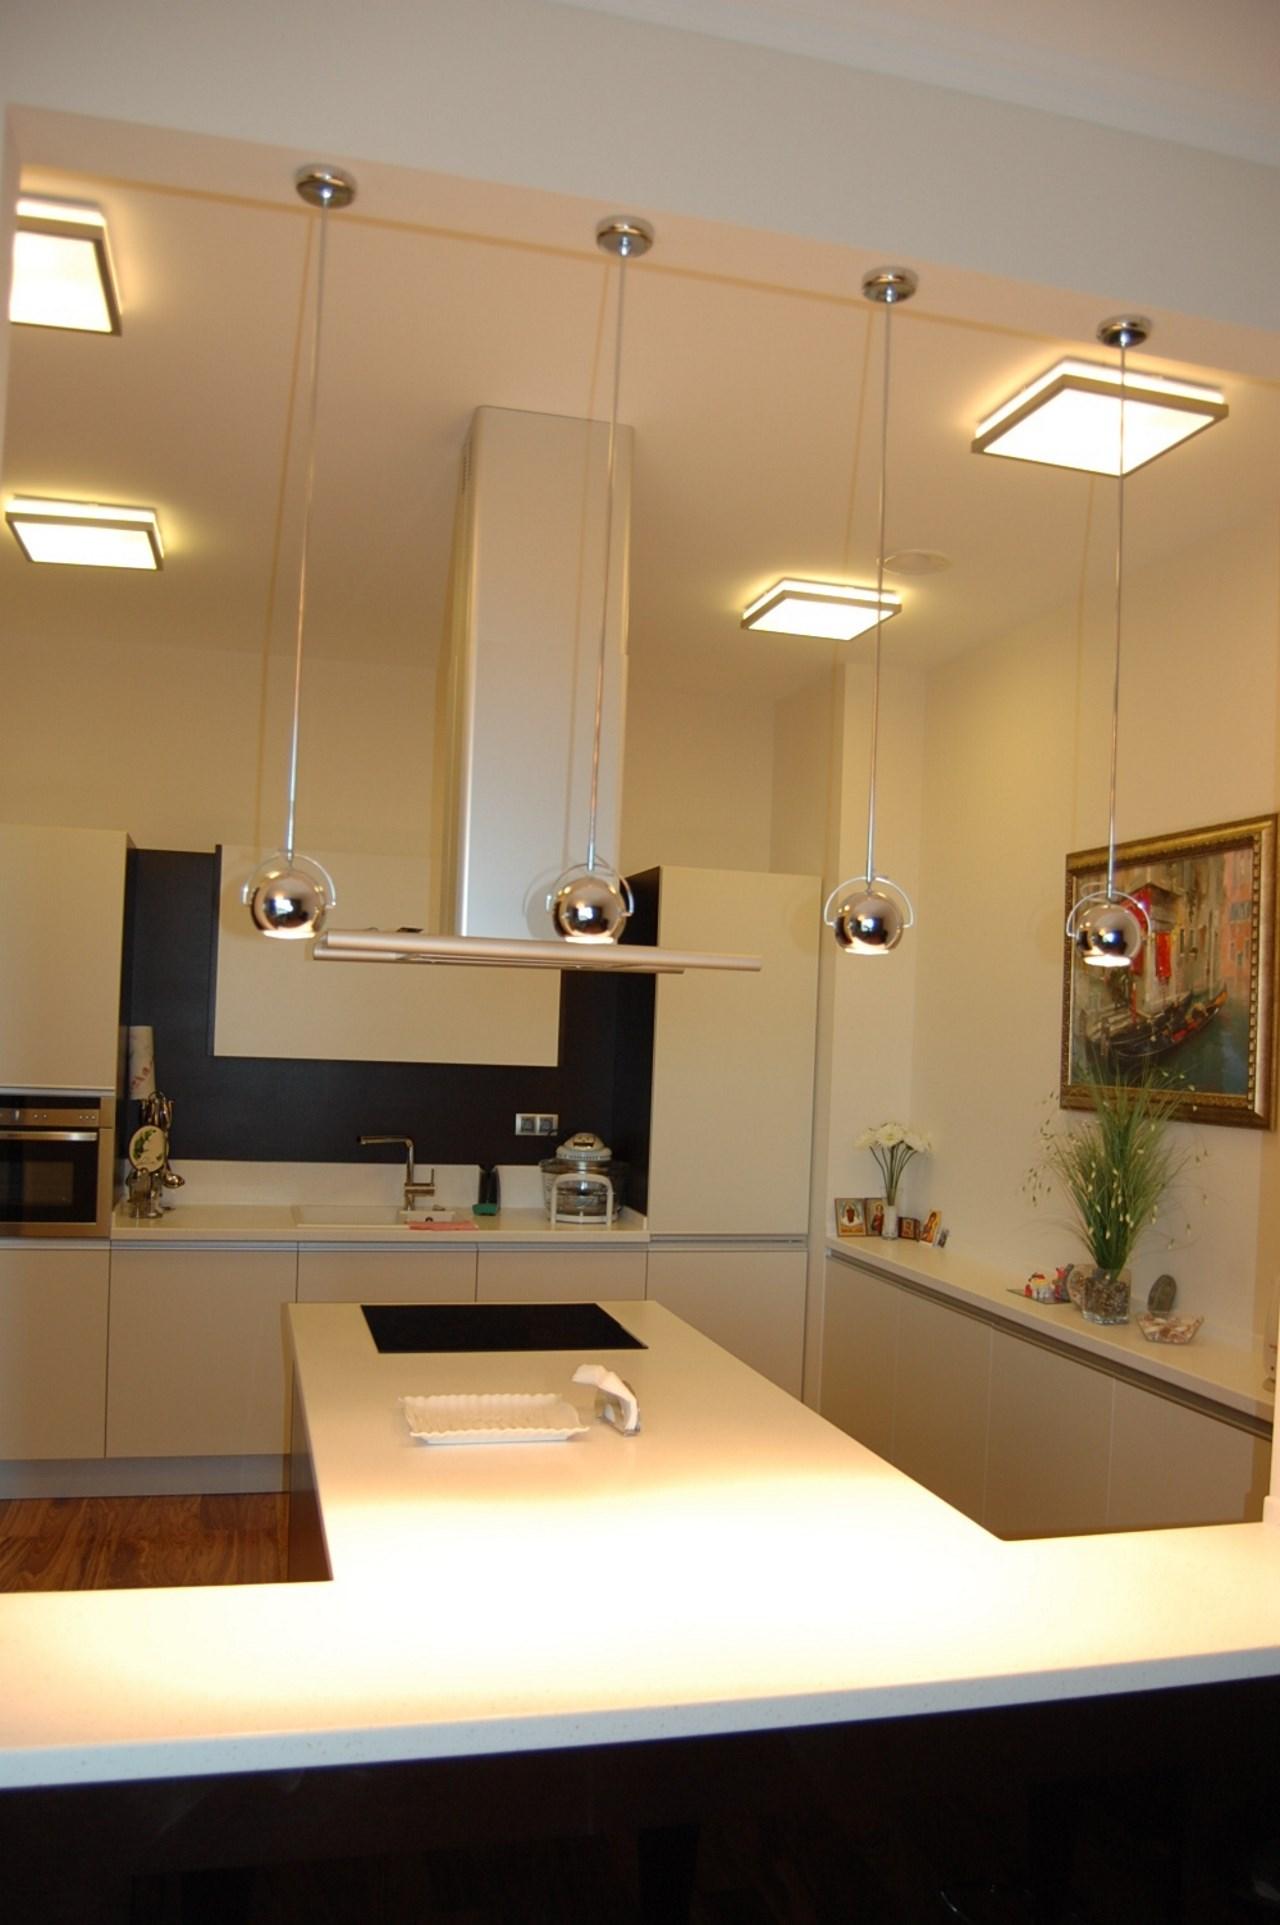 Новая кухонная мебель в светлых тонах